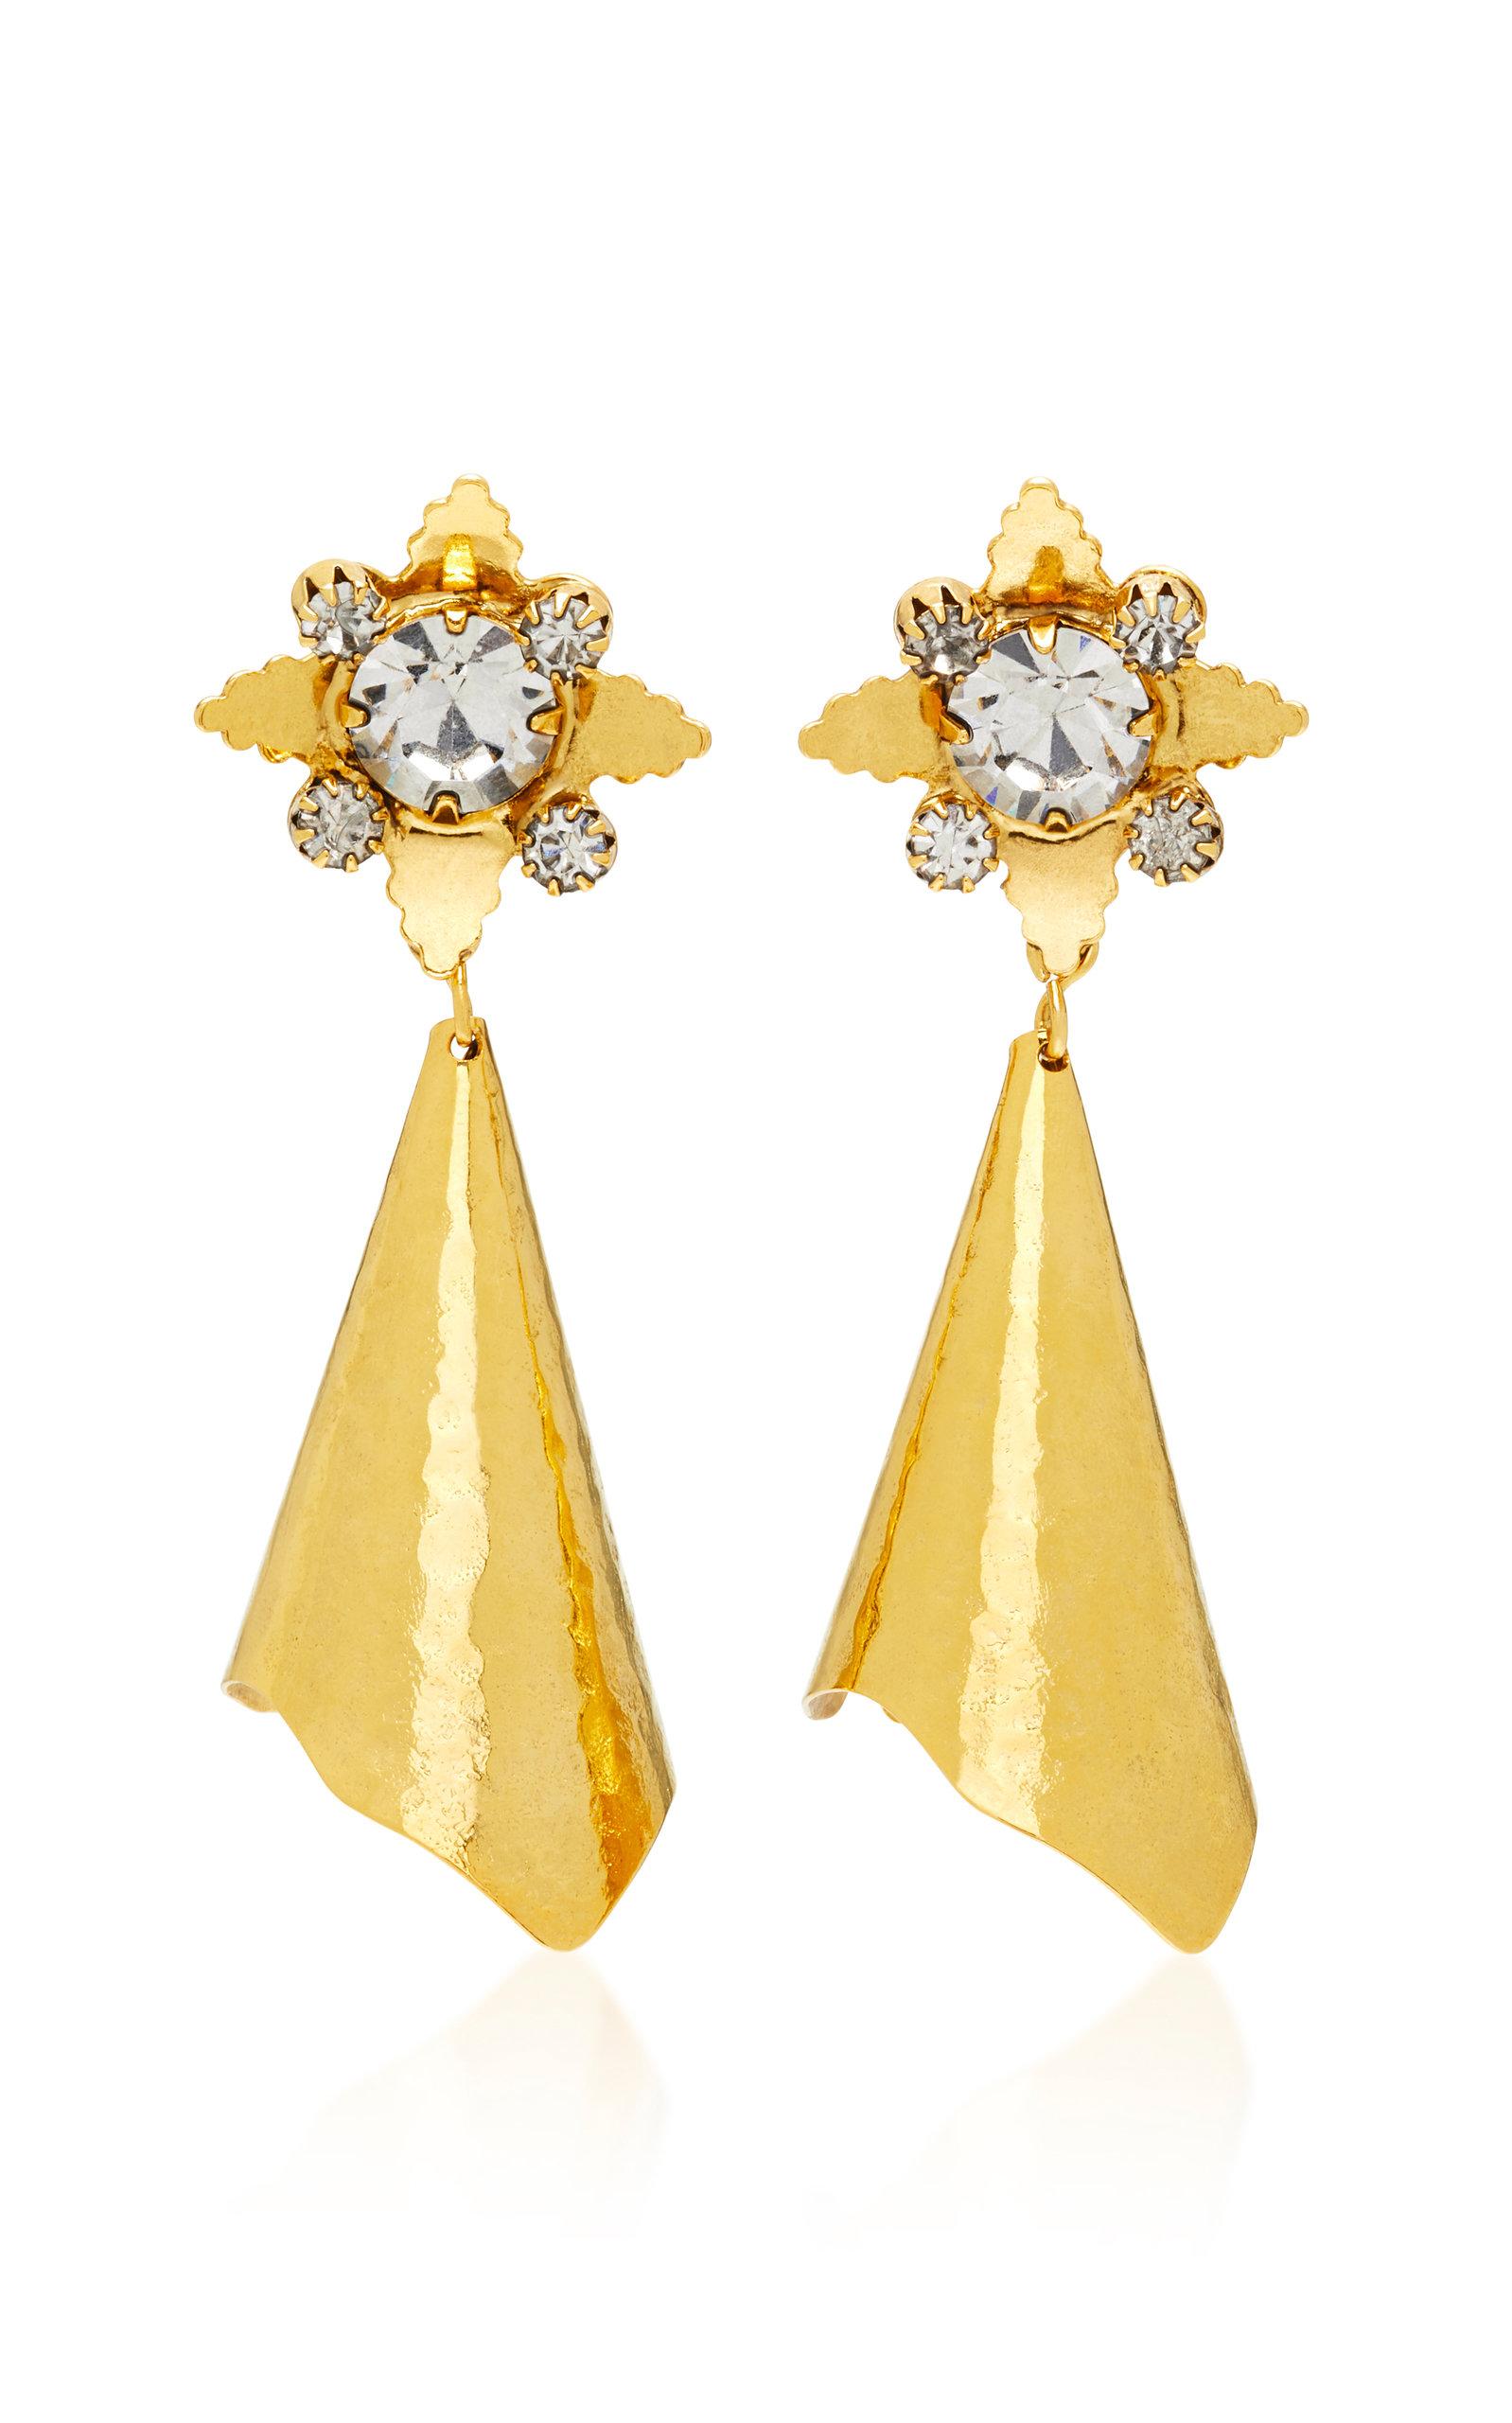 NICOLE ROMANO WALKER GOLD-PLATED BRASS CRYSTAL EARRINGS